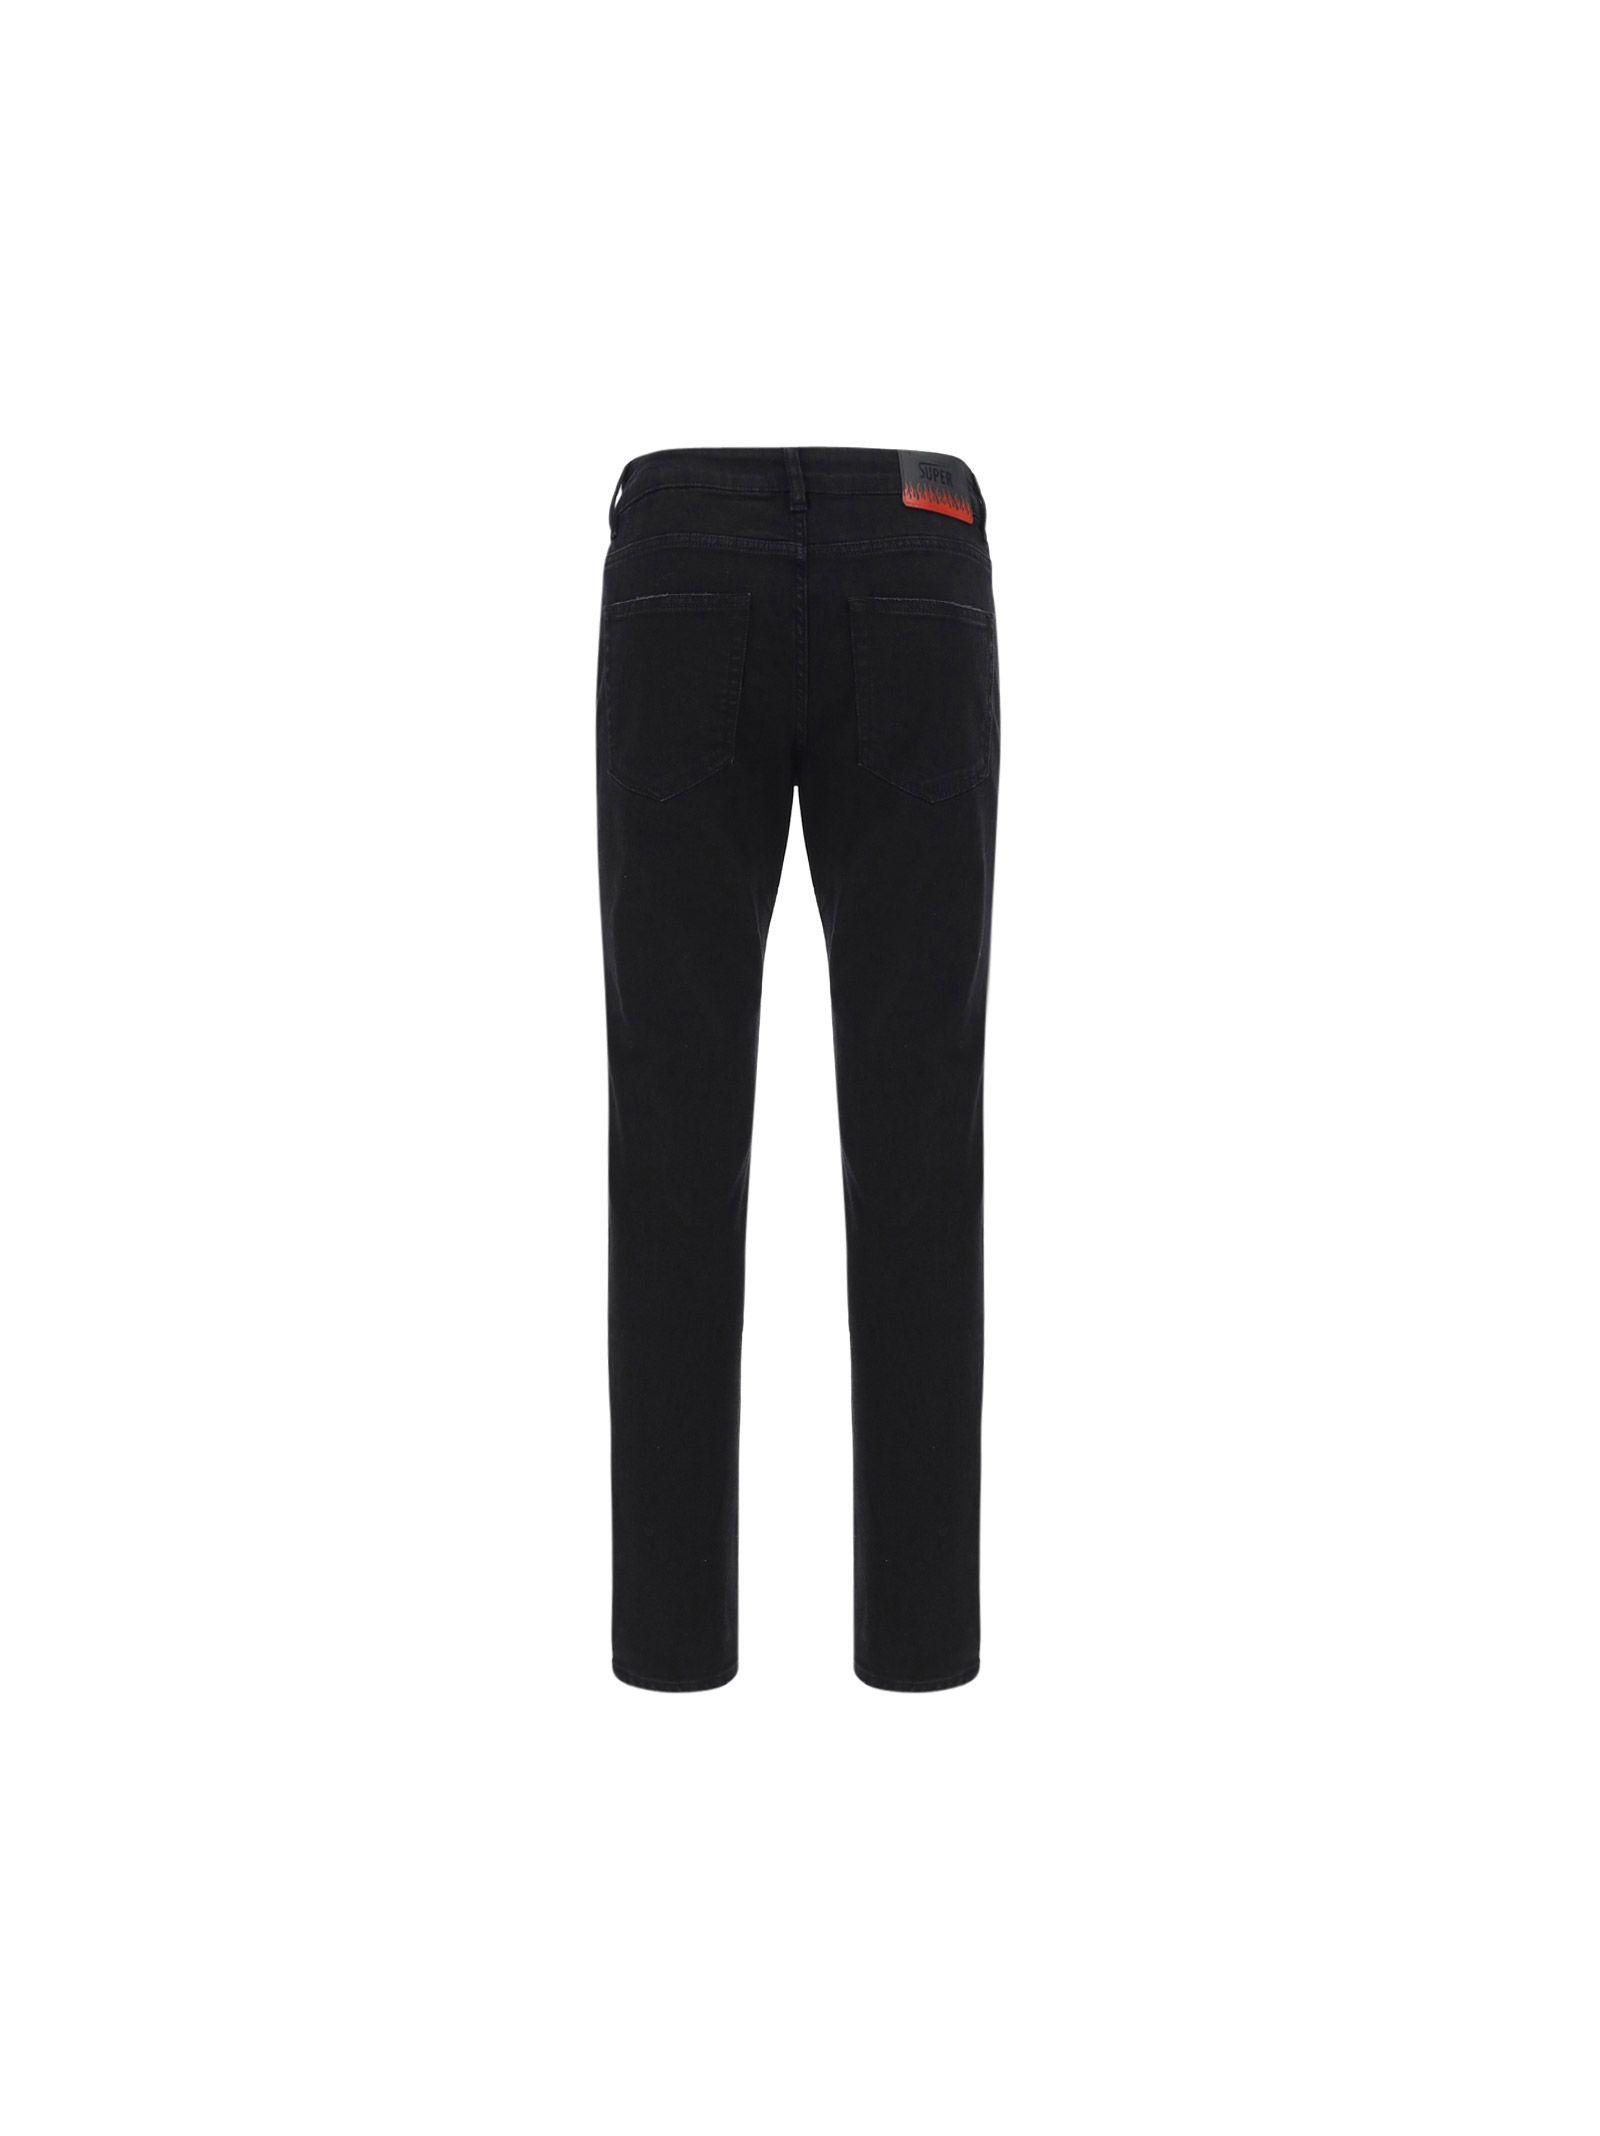 VISION OF SUPER Jeans VISION OF SUPER MEN'S BLACK OTHER MATERIALS JEANS